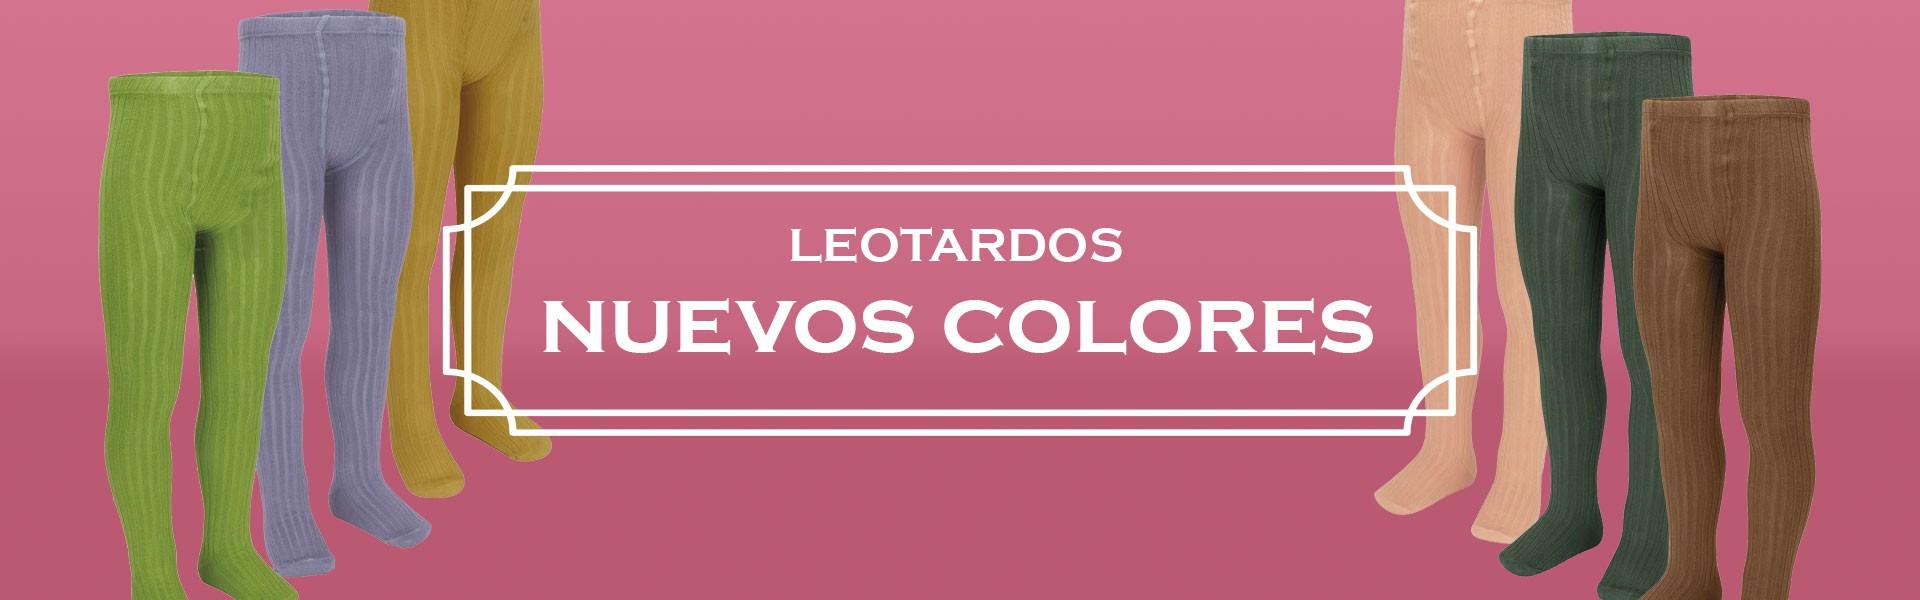 Edelweiss nueva web_Nuevos colores